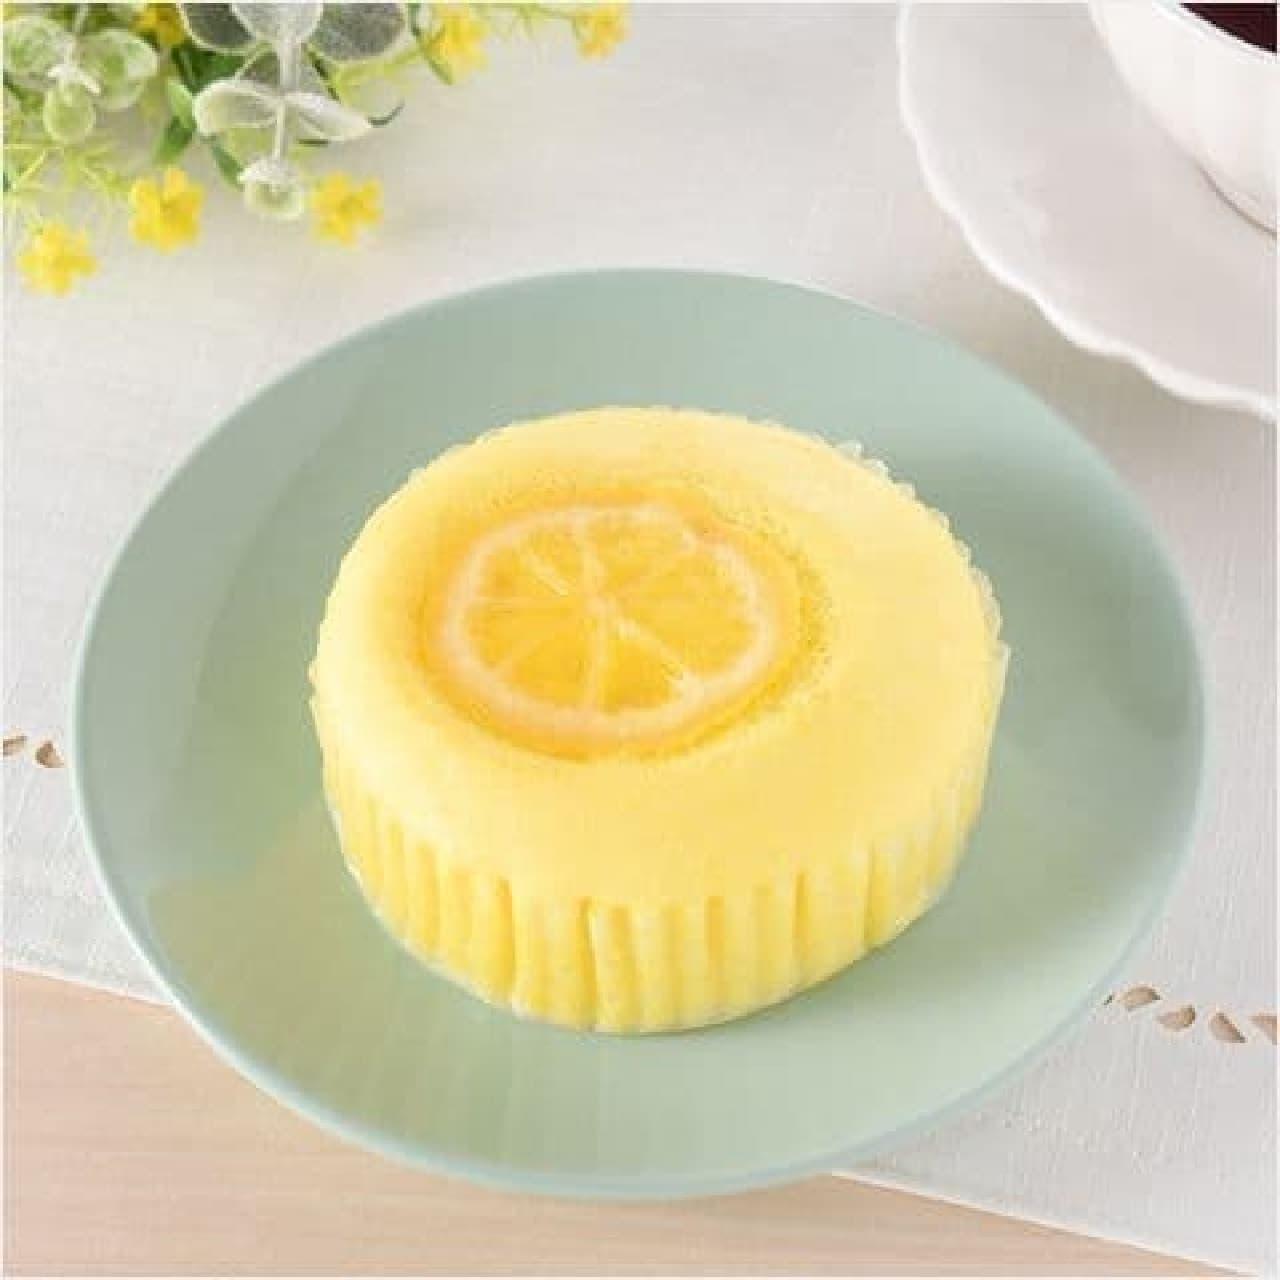 ファミリーマート「レモネード蒸しケーキ」